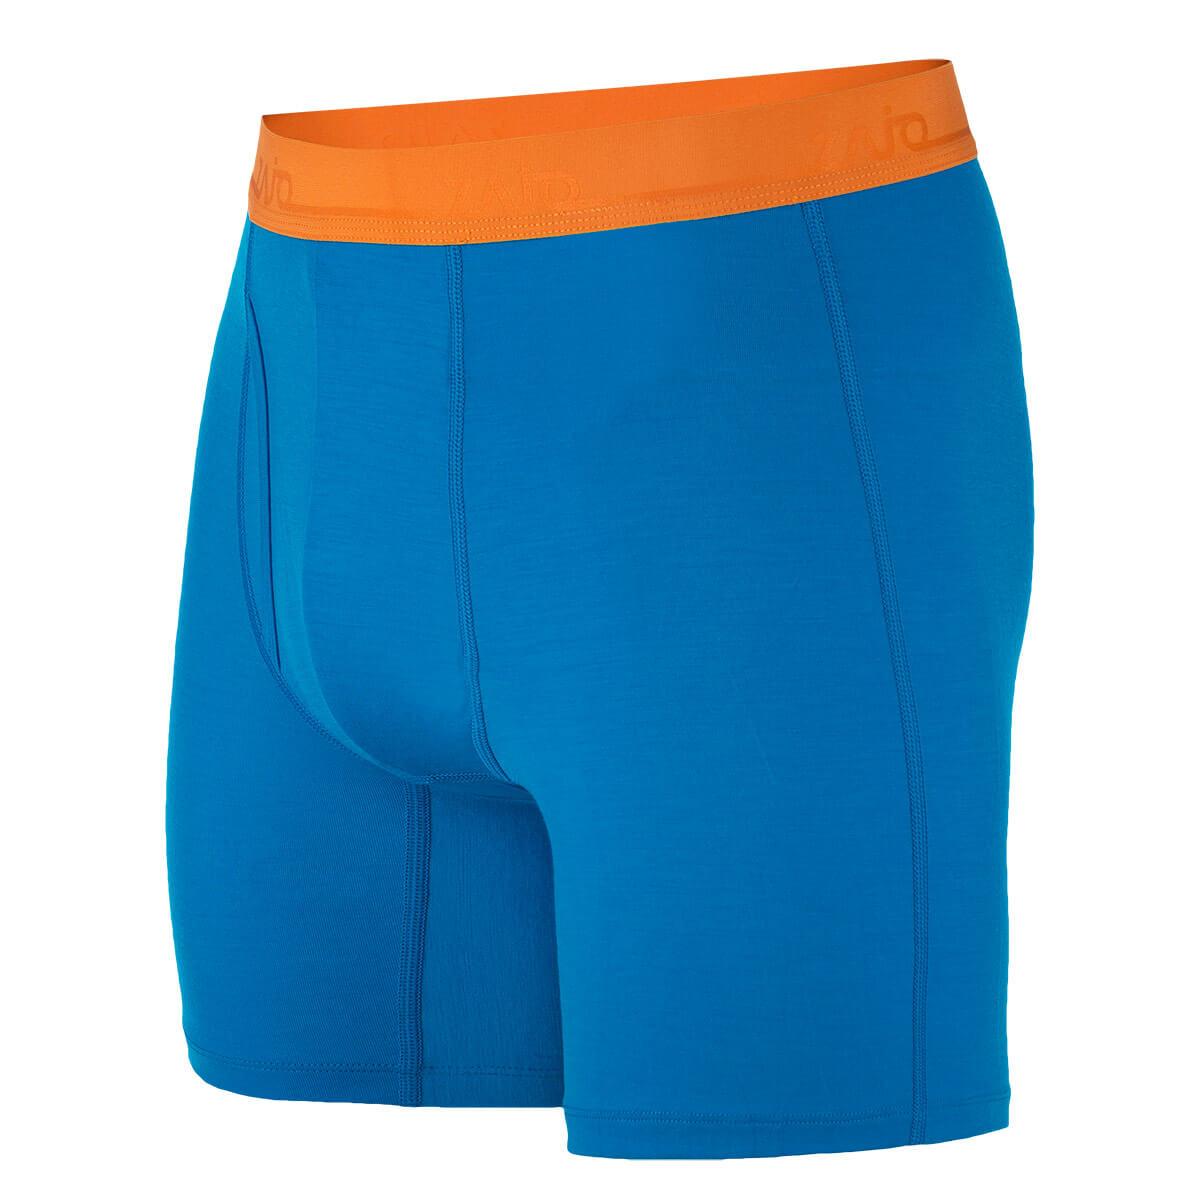 Pánske spodné prádlo Zajo Bjorn Merino Nylon Shorts Greek Blue - veľkosť S